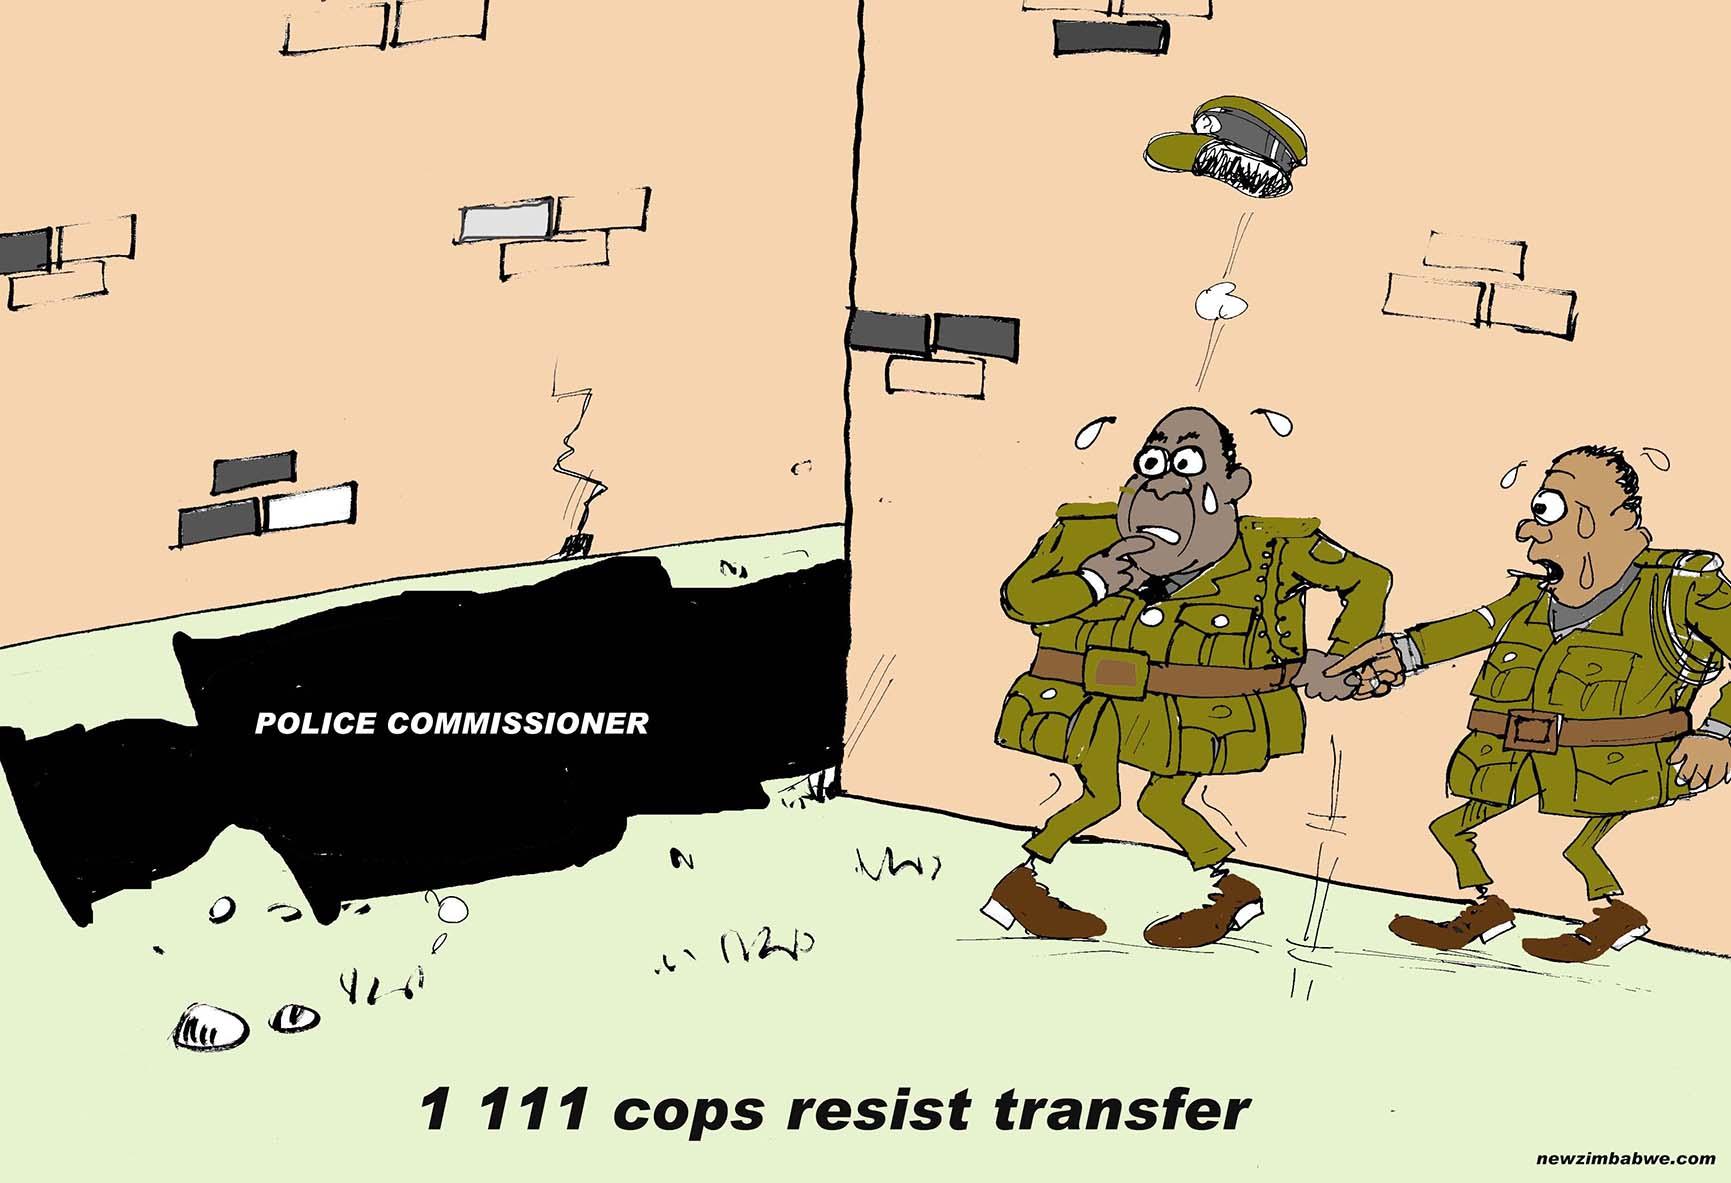 Police resist transfer